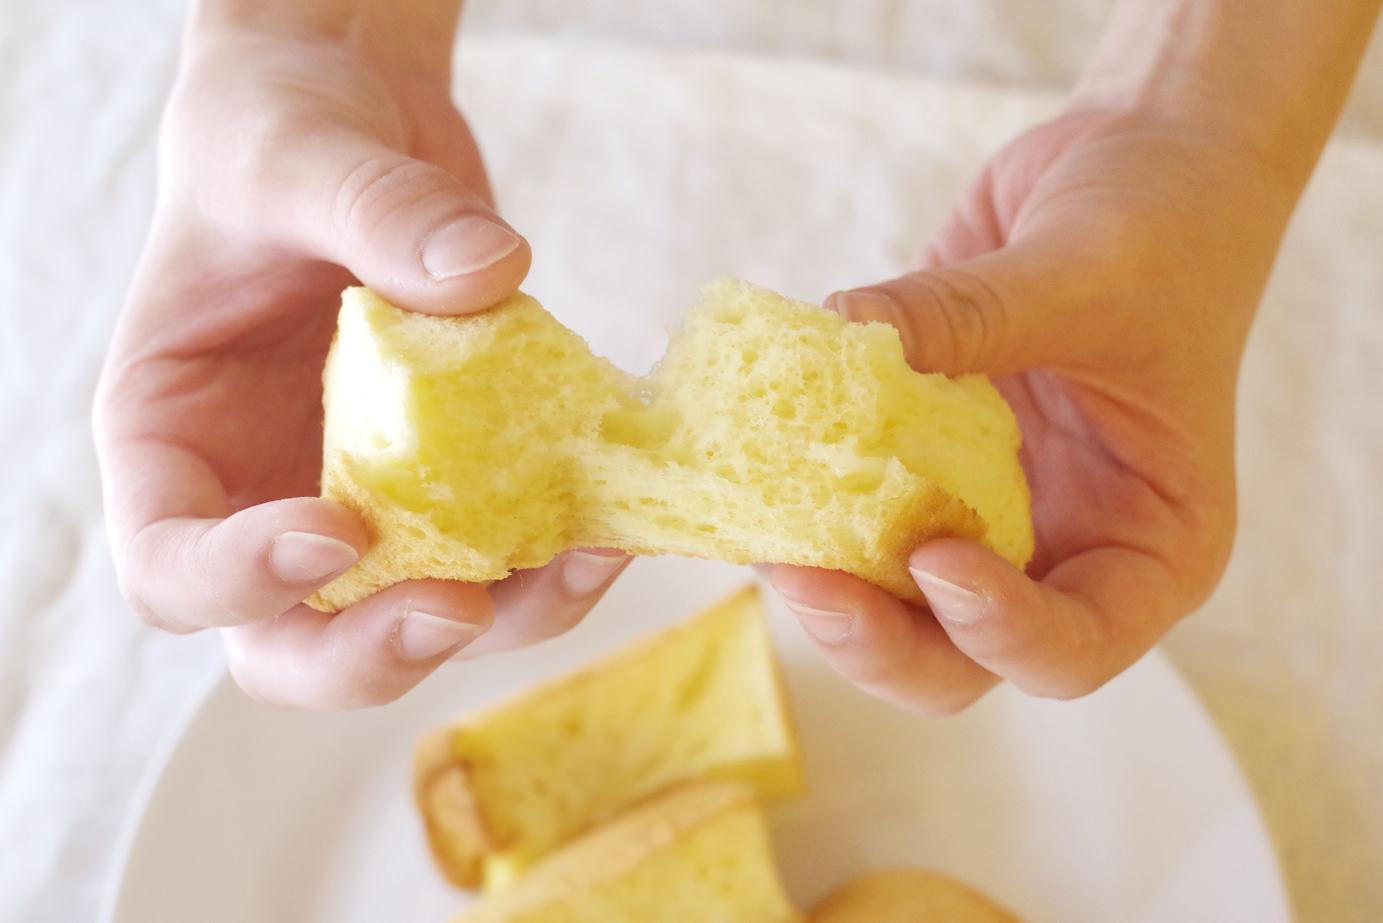 シフォンケーキのイメージ